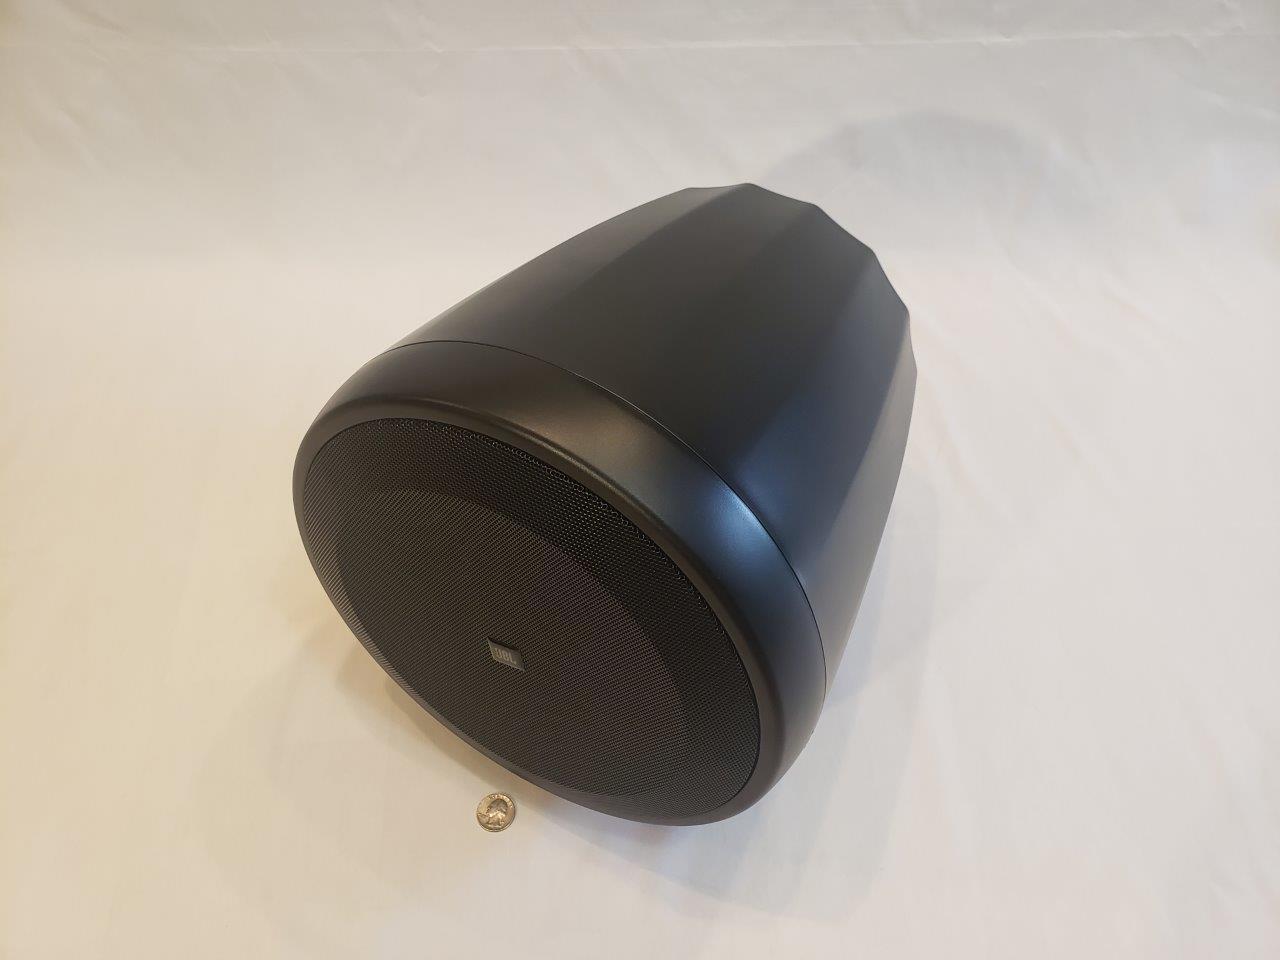 Pendant Speaker Control 67 P/T JBL Extended Range Full-Range Large